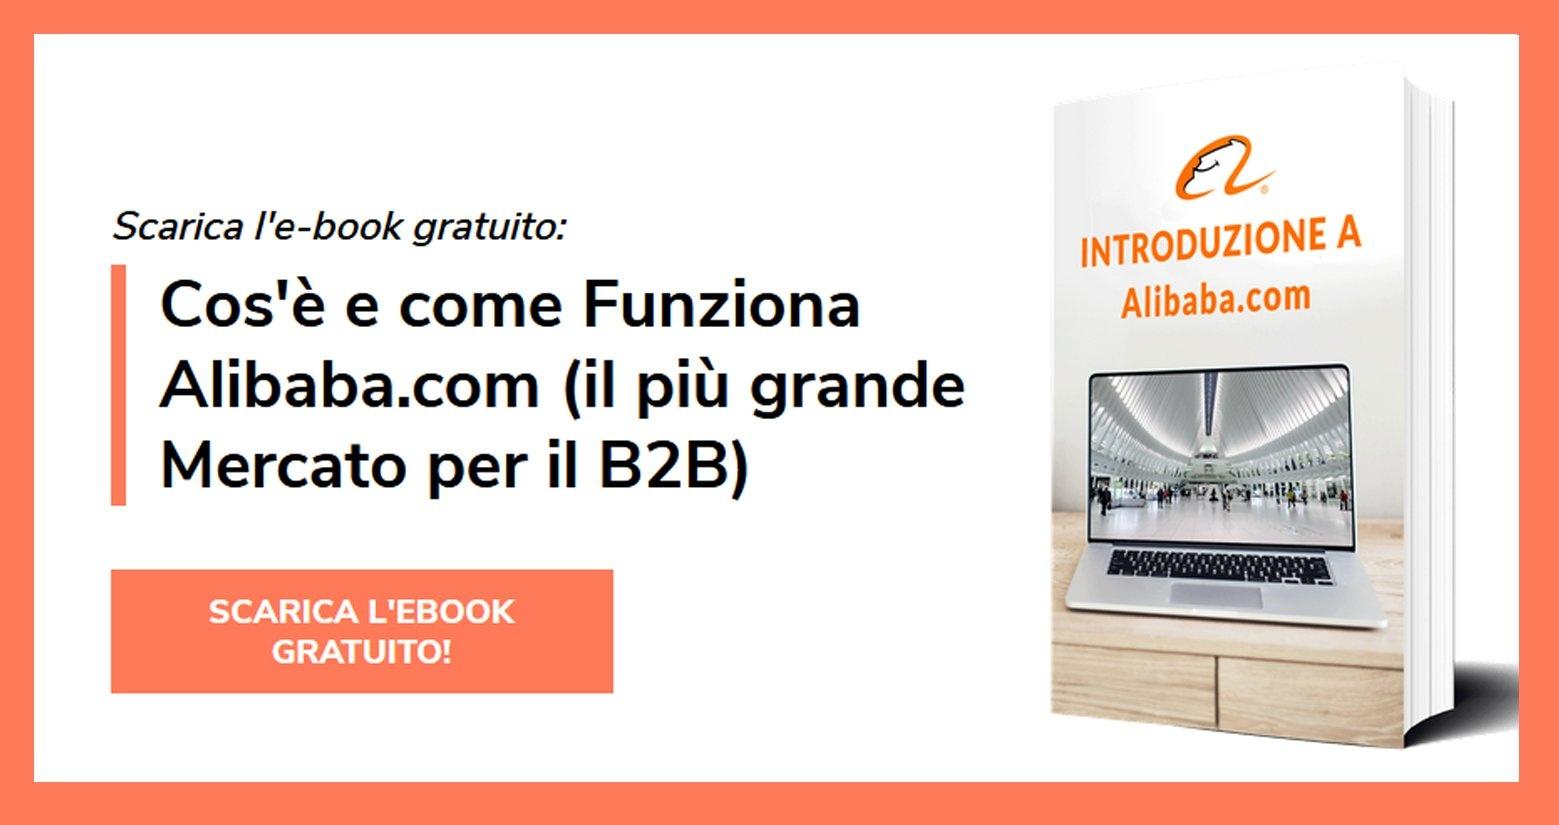 E-book gratuito:  Intro a Alibaba.com  Scarica ora